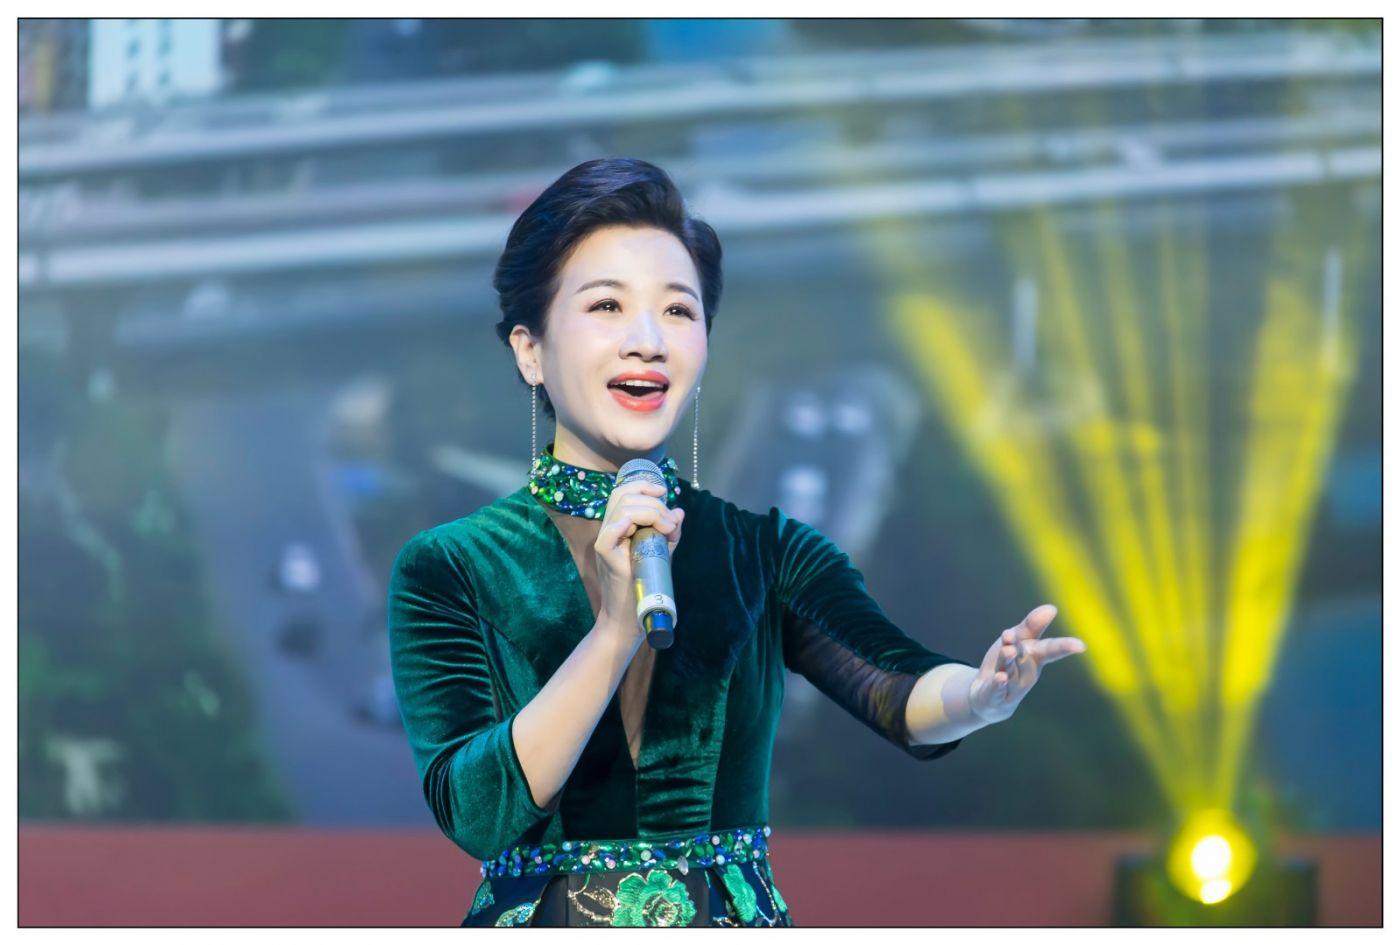 又见星光大道冠军歌手张海军 1月26央视播出 将自己唱哭的歌手 ..._图1-24